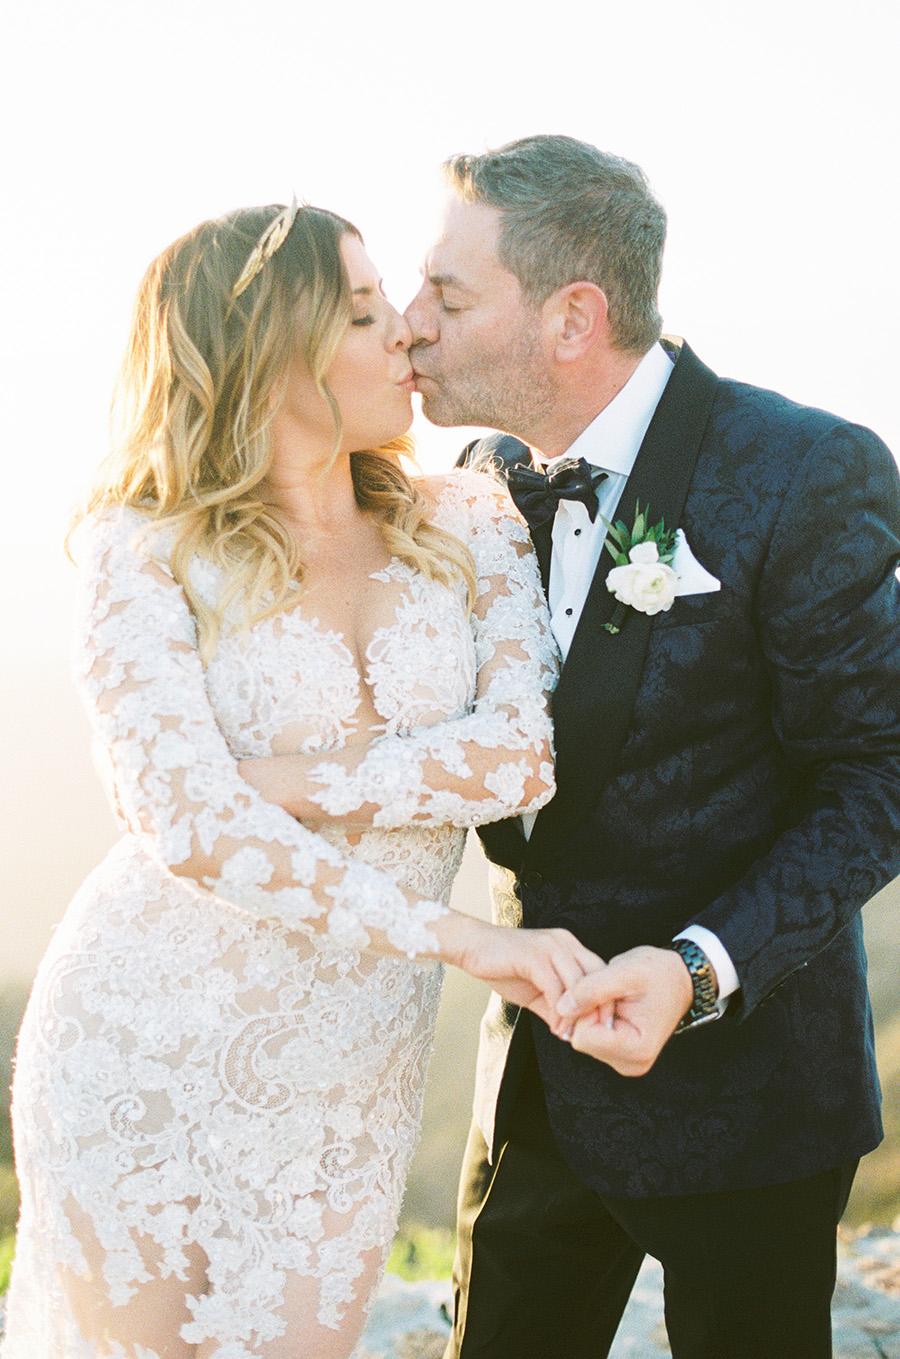 SALLY PINERA_MALIBU ROCKY OAKS WEDDING PHOTOGRAPHY_MALIBU_MARISSA AND PAUL-301.jpg